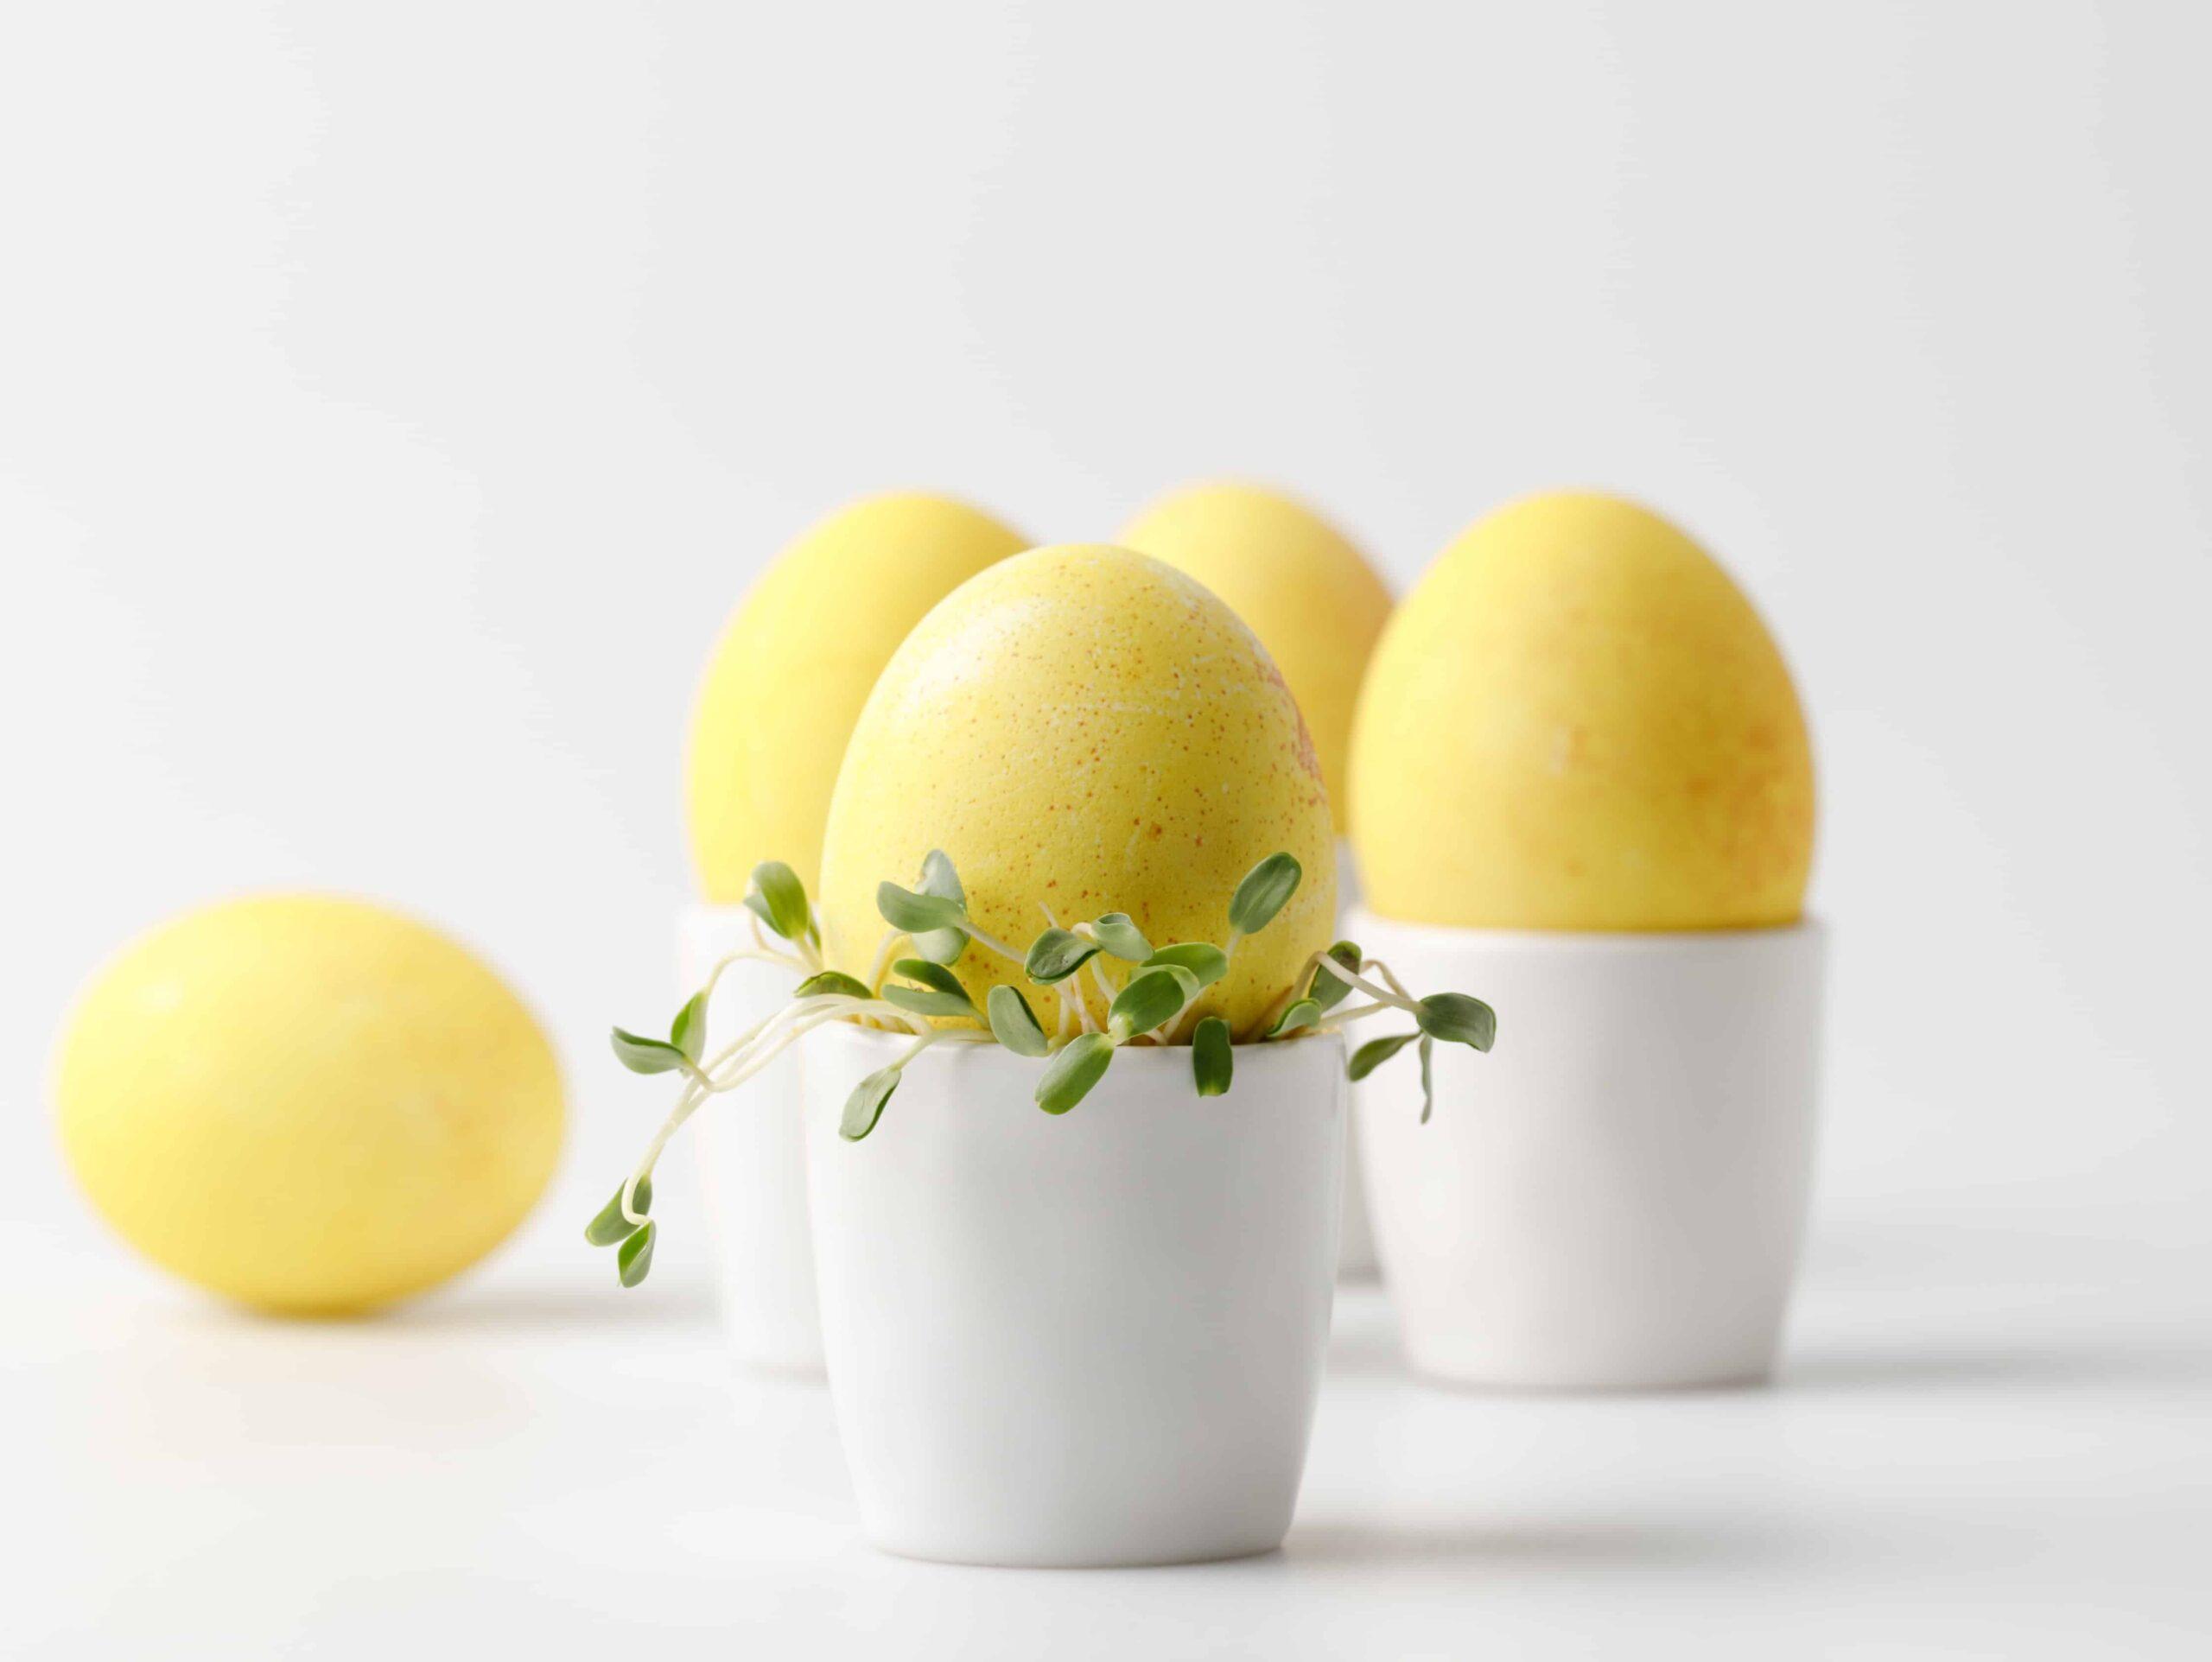 Ostereier färben gelbe Eier weiße Eier färben